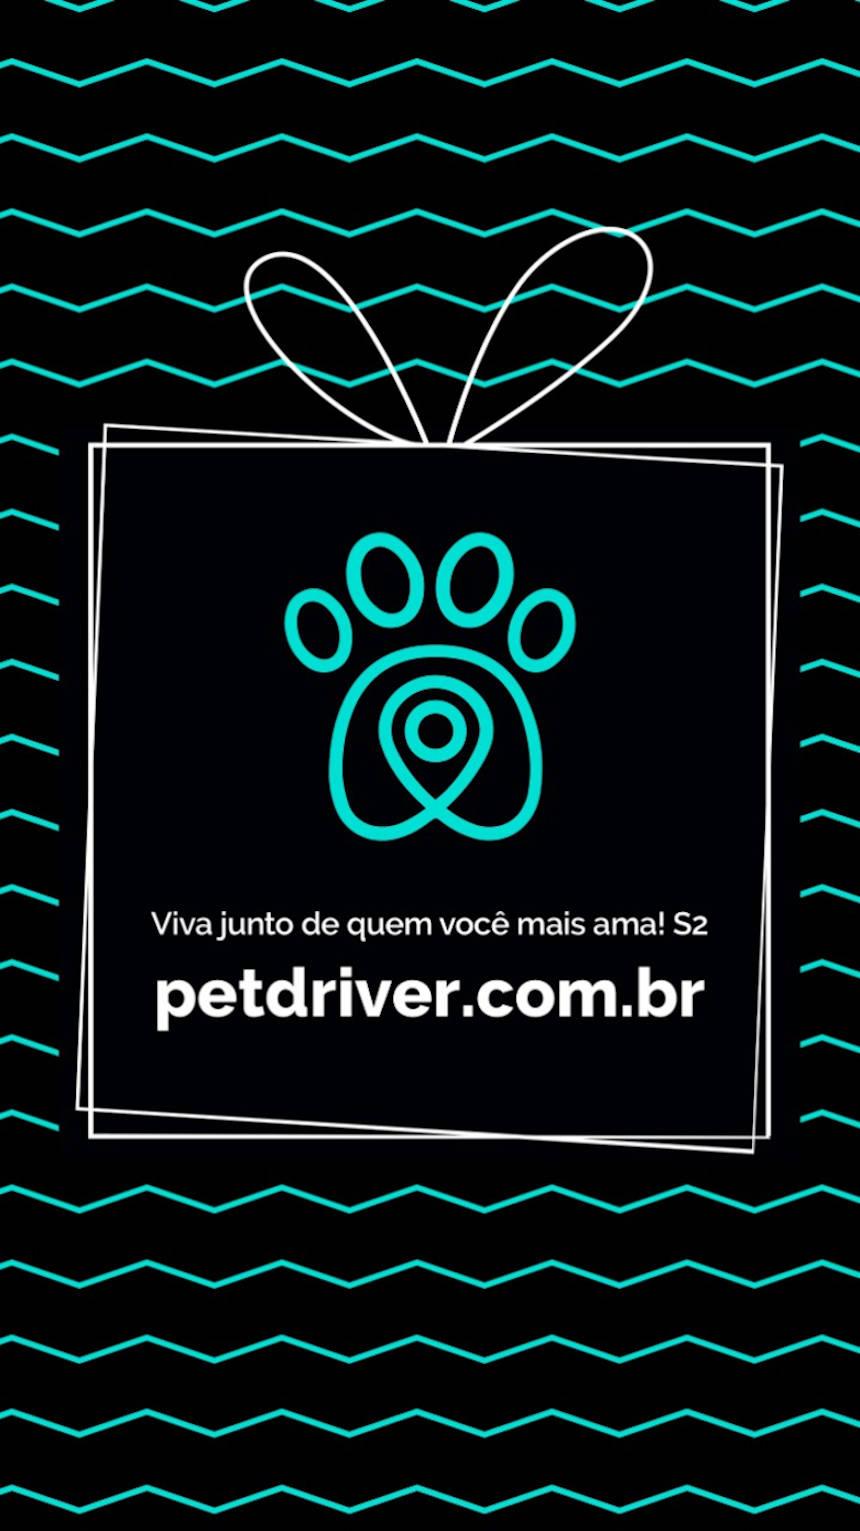 PETDRIVER_black-friday_19_blog(02)